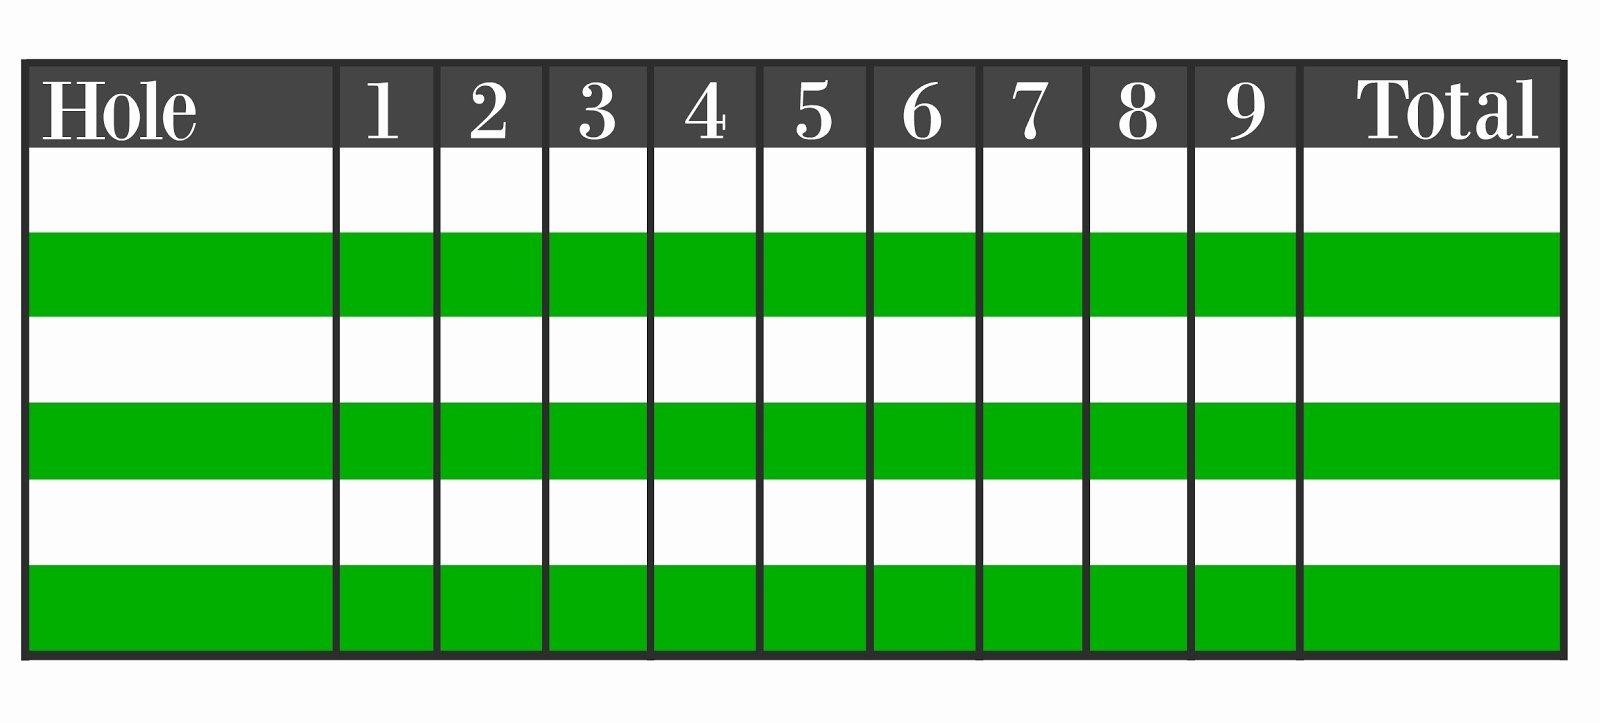 Mini Golf Score Card Best Of Mini Golf Scorecard Template